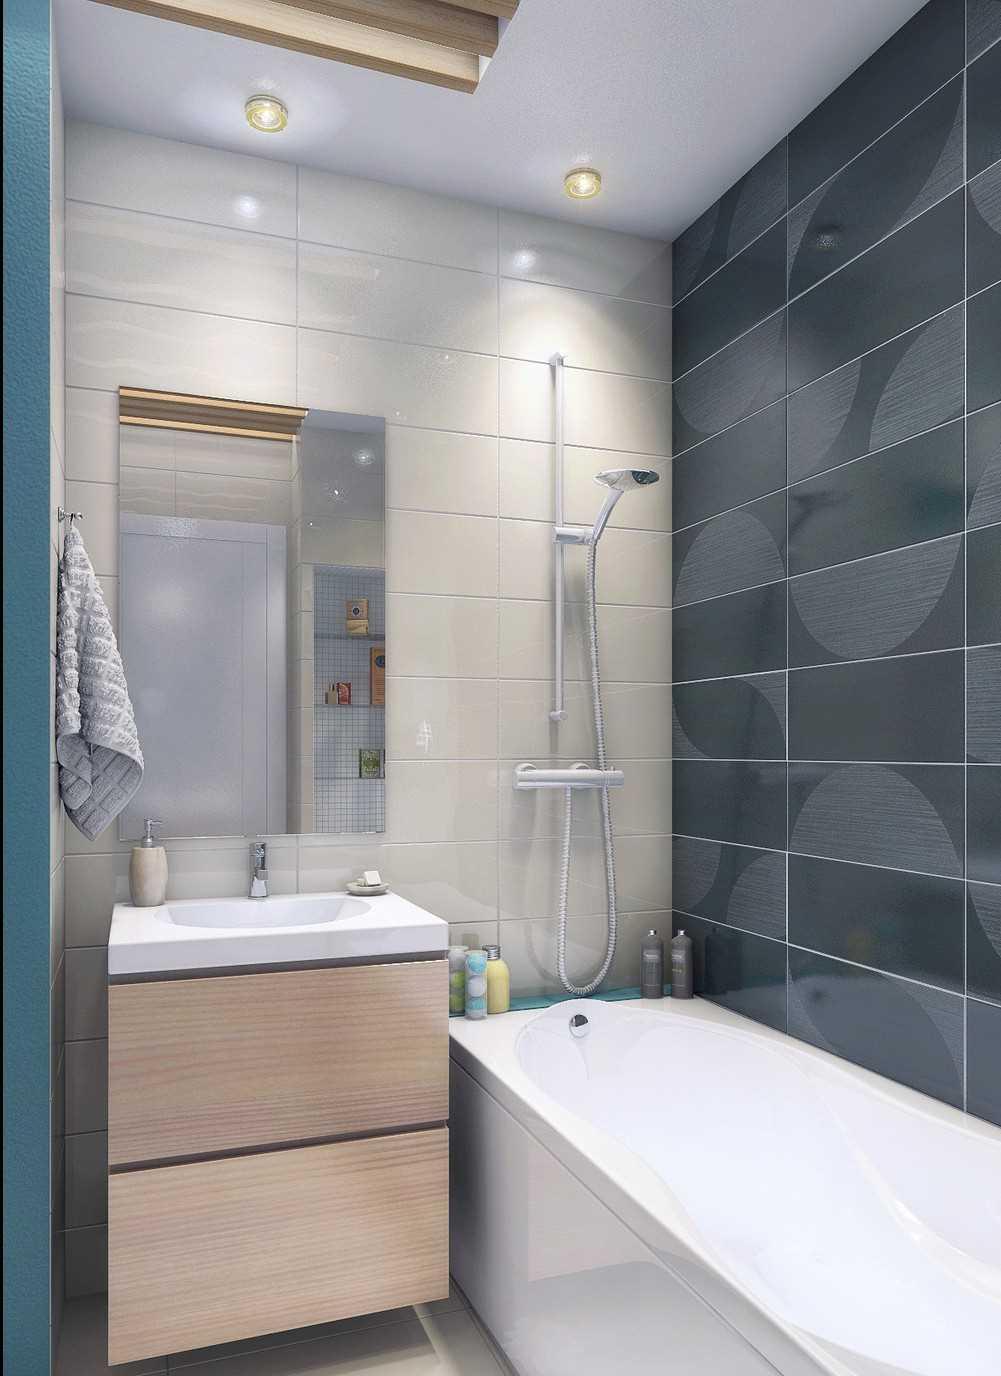 Дизайн ванной 5 кв.м.: материалы, варианты оформления - 75 фото